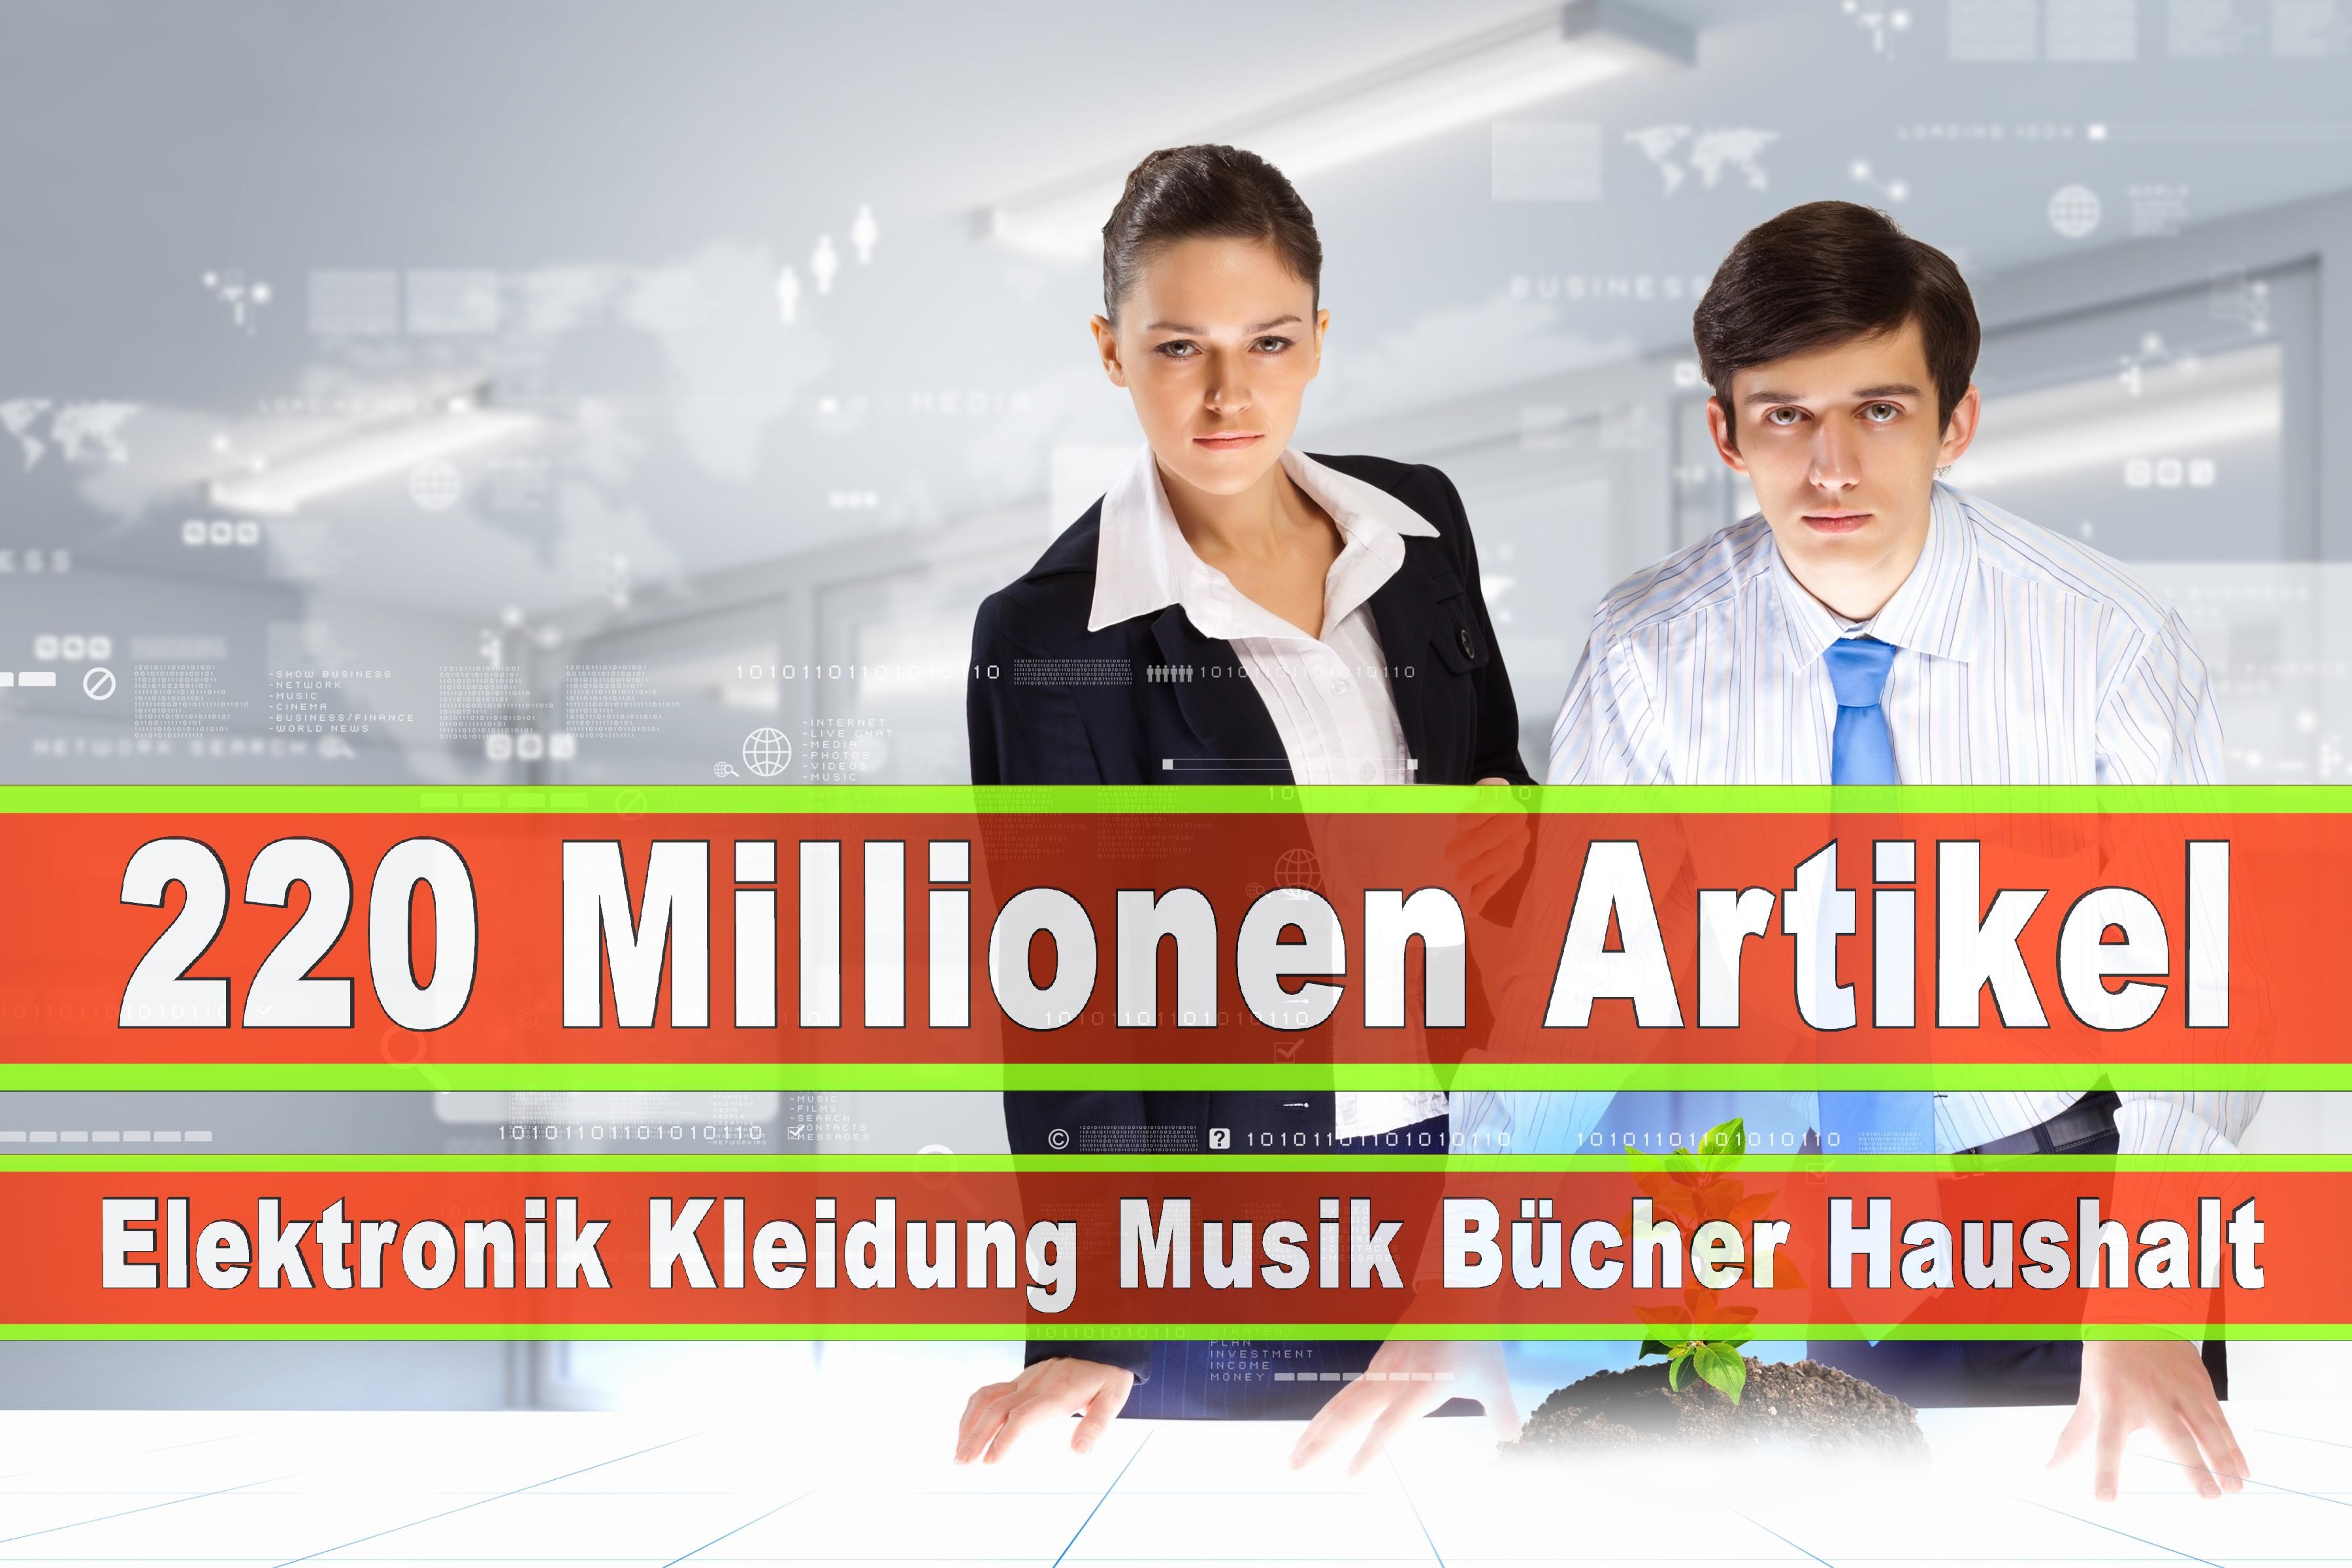 Amazon Elektronik Musik Haushalt Bücher CD DVD Handys Smartphones TV Television Fernseher Kleidung Mode Ebay Versandhaus (19)